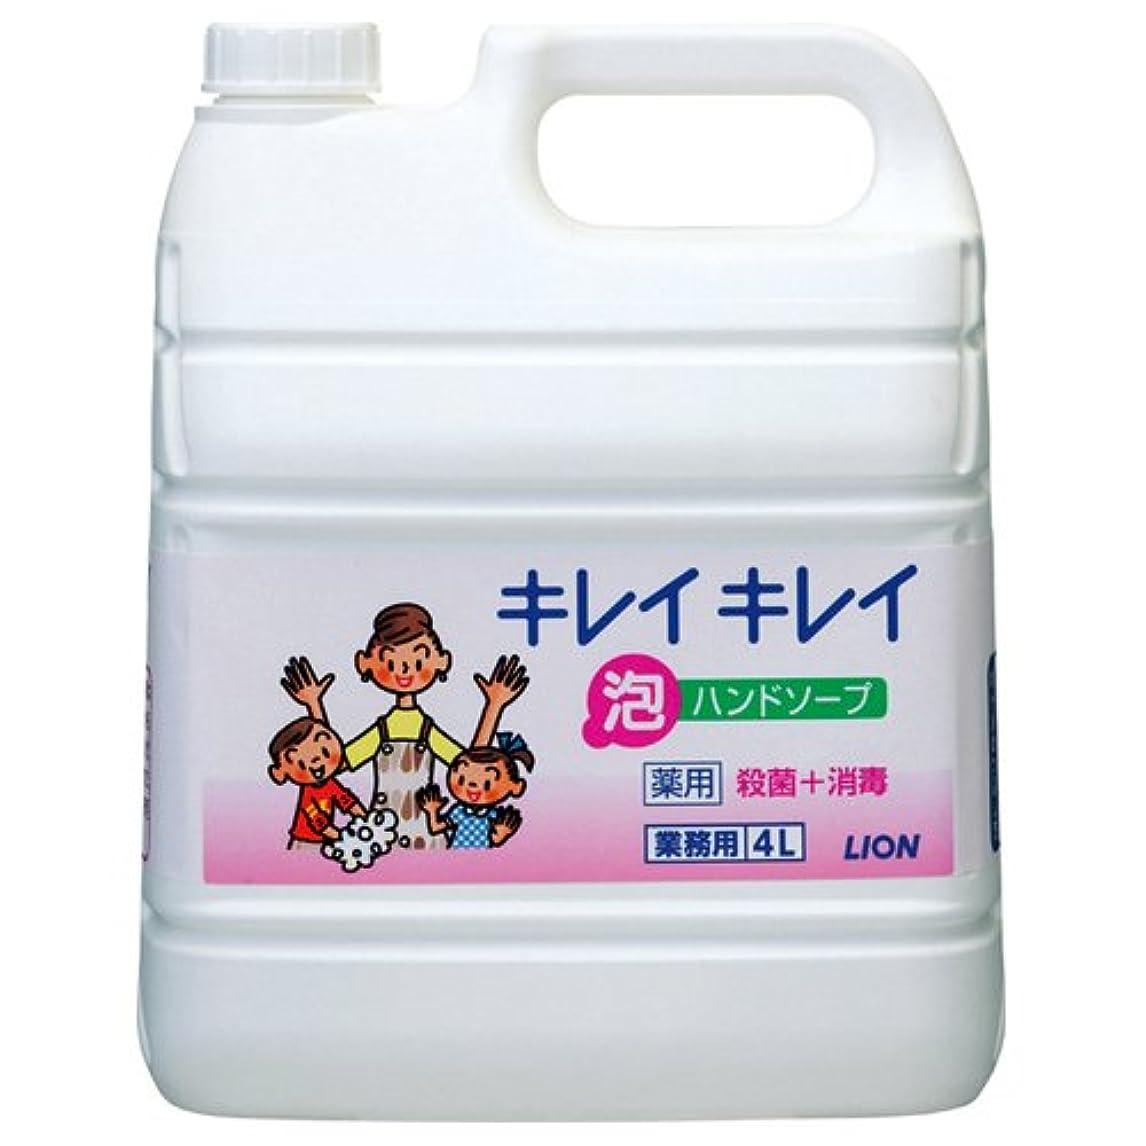 準備する意味のあるもっと[ライオン 1675096] キレイキレイ 薬用泡ハンドソープ 業務用 4L